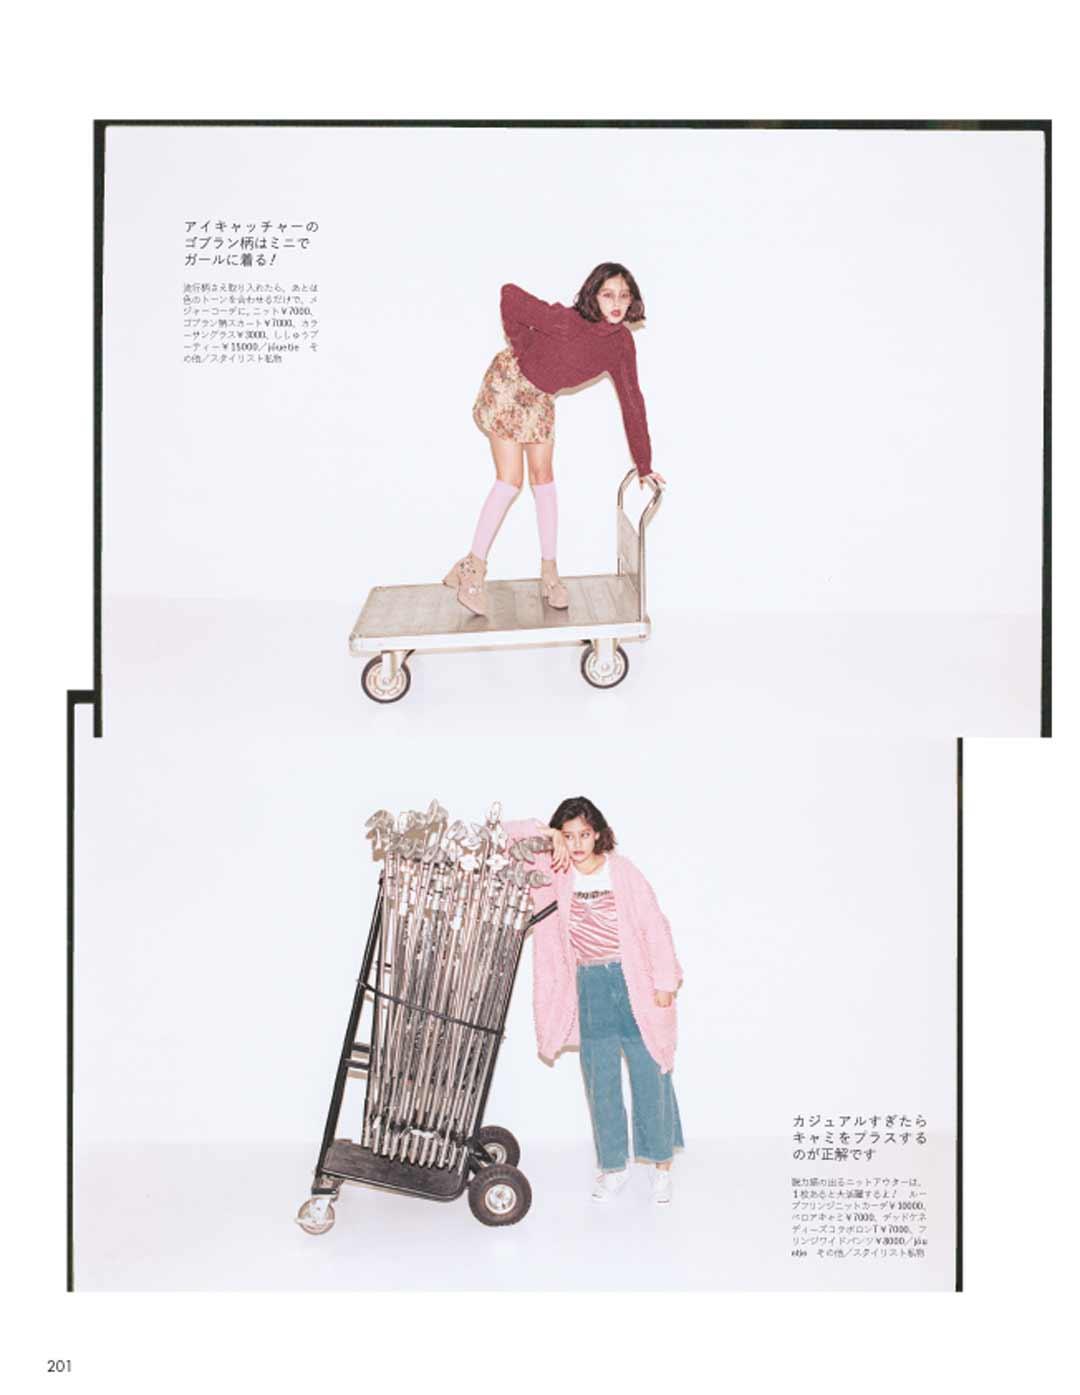 ViVi 11月号P.201『jouetie【ストリート×ヴィンテージ】』掲載